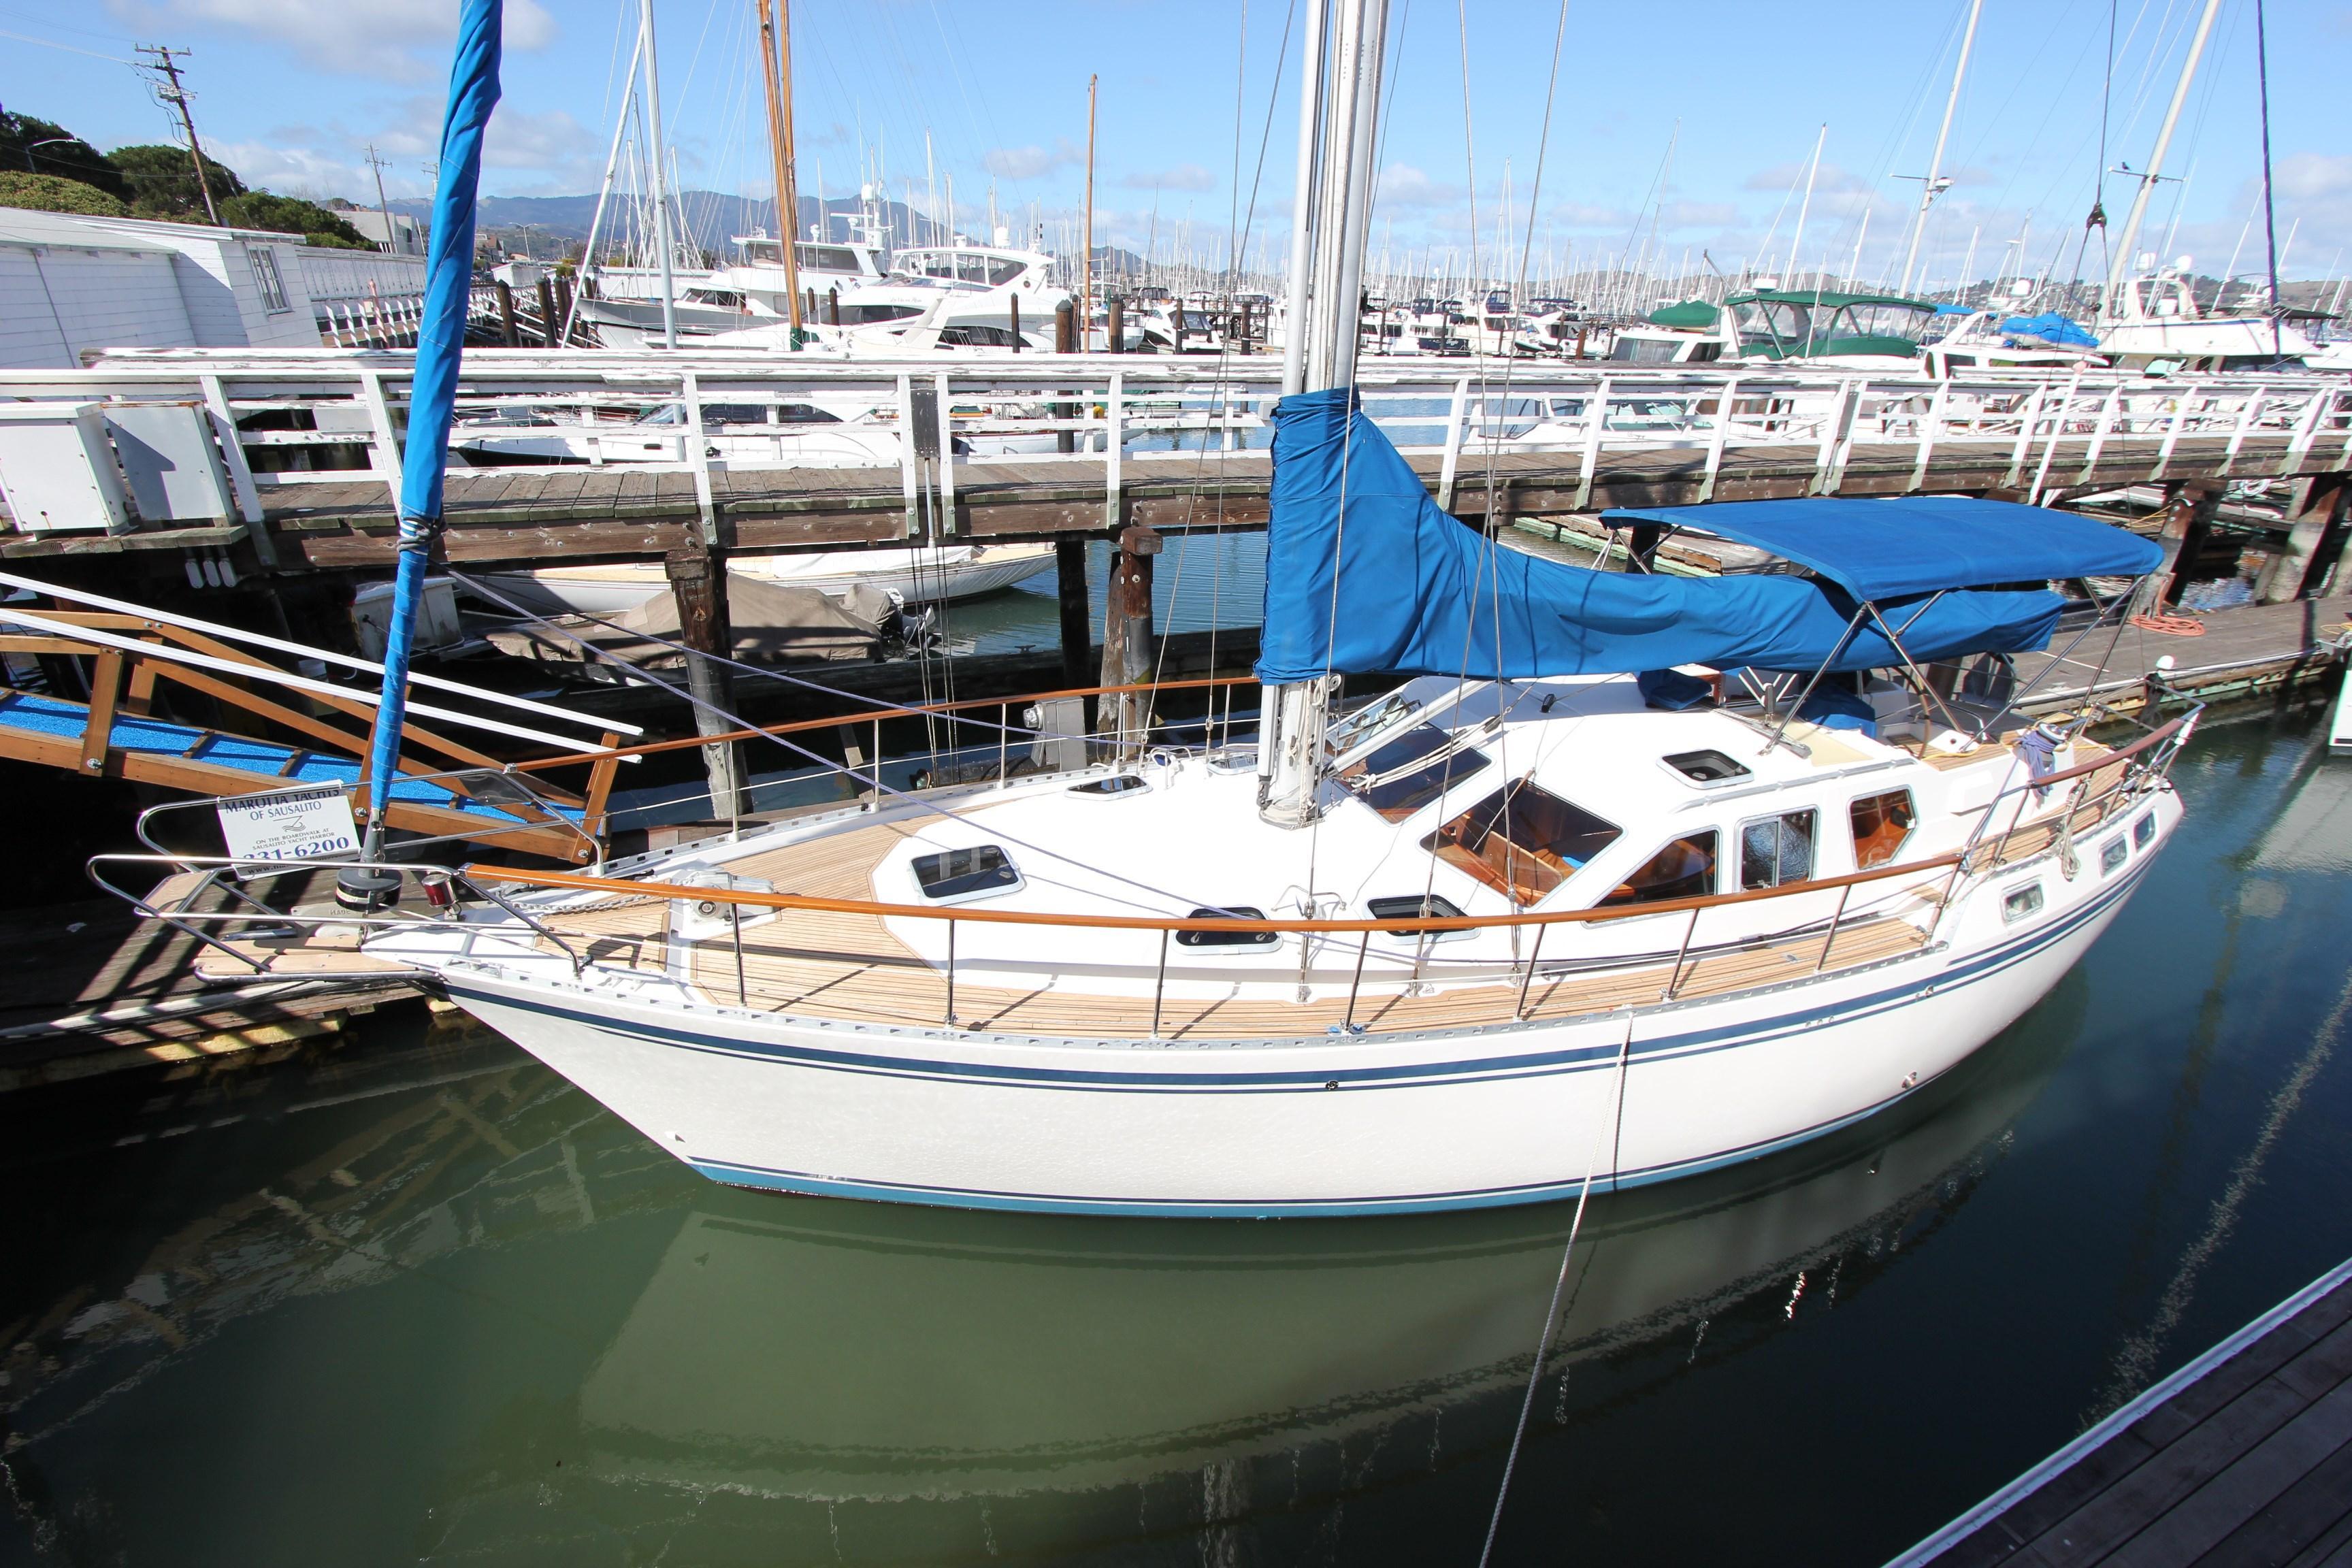 1995 Nauticat 42 Pilothouse Motor Sailer Sail Boat For